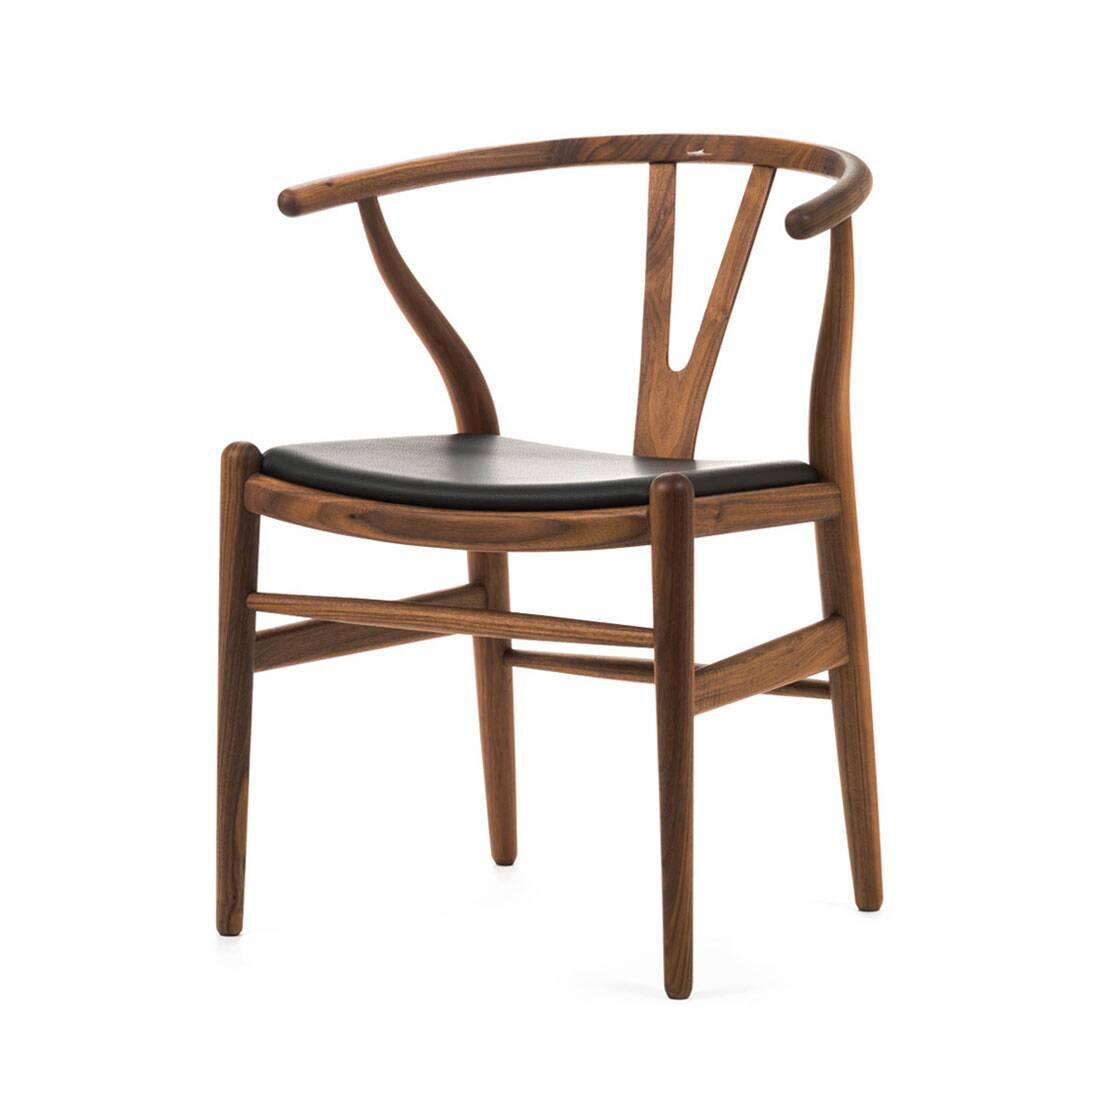 Стул Wishbone кожаныйИнтерьерные<br>Дизайнерский стул Wishbone (Уишбон) из дерева с кожаным сиденьем от Cosmo (Космо).<br>Стул Wishbone кожаный был разработан в 1949 году передовым датским дизайнером мебели Хансом Вегнером. Стул Wishbone был создан под впечатлением от просмотра классических портретов датских торговцев, сидящих на китайских стульях династии Мин. Свое название стул Wishbone («вилка») получил за специфическую форму спинки сиденья.<br><br><br><br> Оригинальный стул Wishbone кожаный широко используется при оформлении различны...<br><br>stock: 0<br>Высота: 73,5<br>Высота сиденья: 42,5<br>Ширина: 55,5<br>Глубина: 53,5<br>Материал каркаса: Массив ореха<br>Тип материала каркаса: Дерево<br>Цвет сидения: Черный<br>Тип материала сидения: Кожа<br>Коллекция ткани: Standart Leather<br>Цвет каркаса: Орех